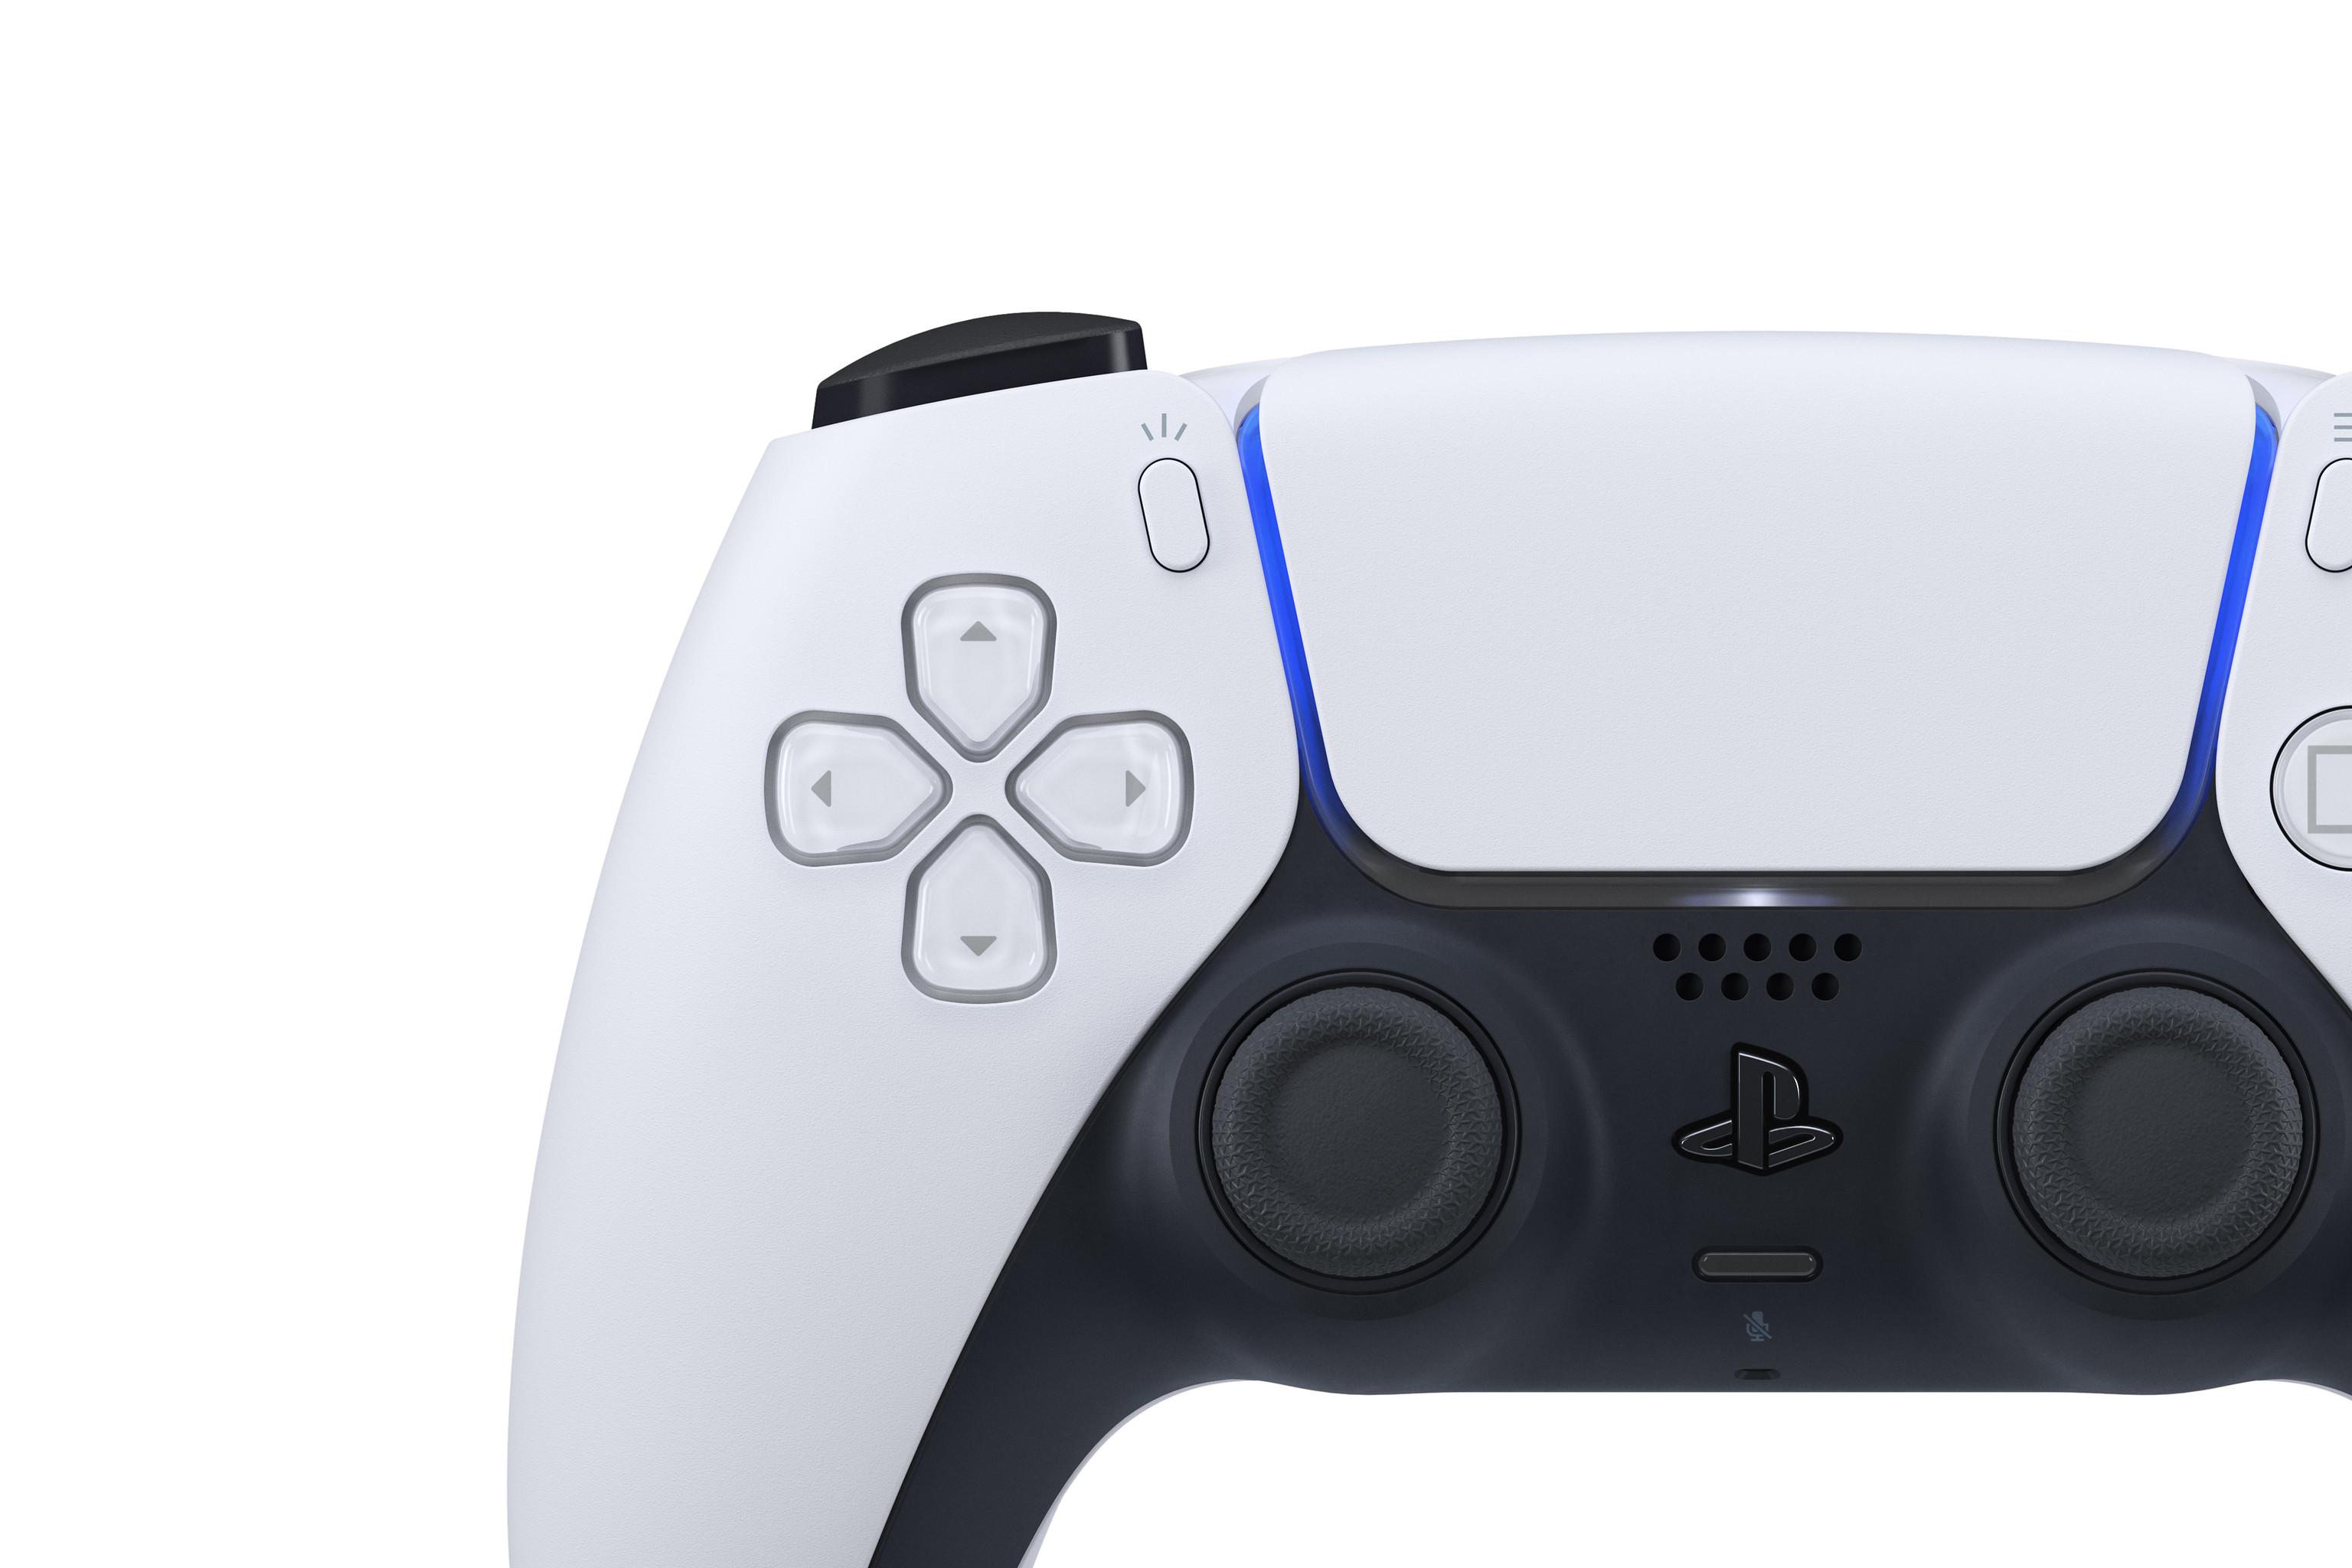 Tak będzie wyglądał kontroler dla PlayStation 5! Panie i Panowie, oto DualSense 17